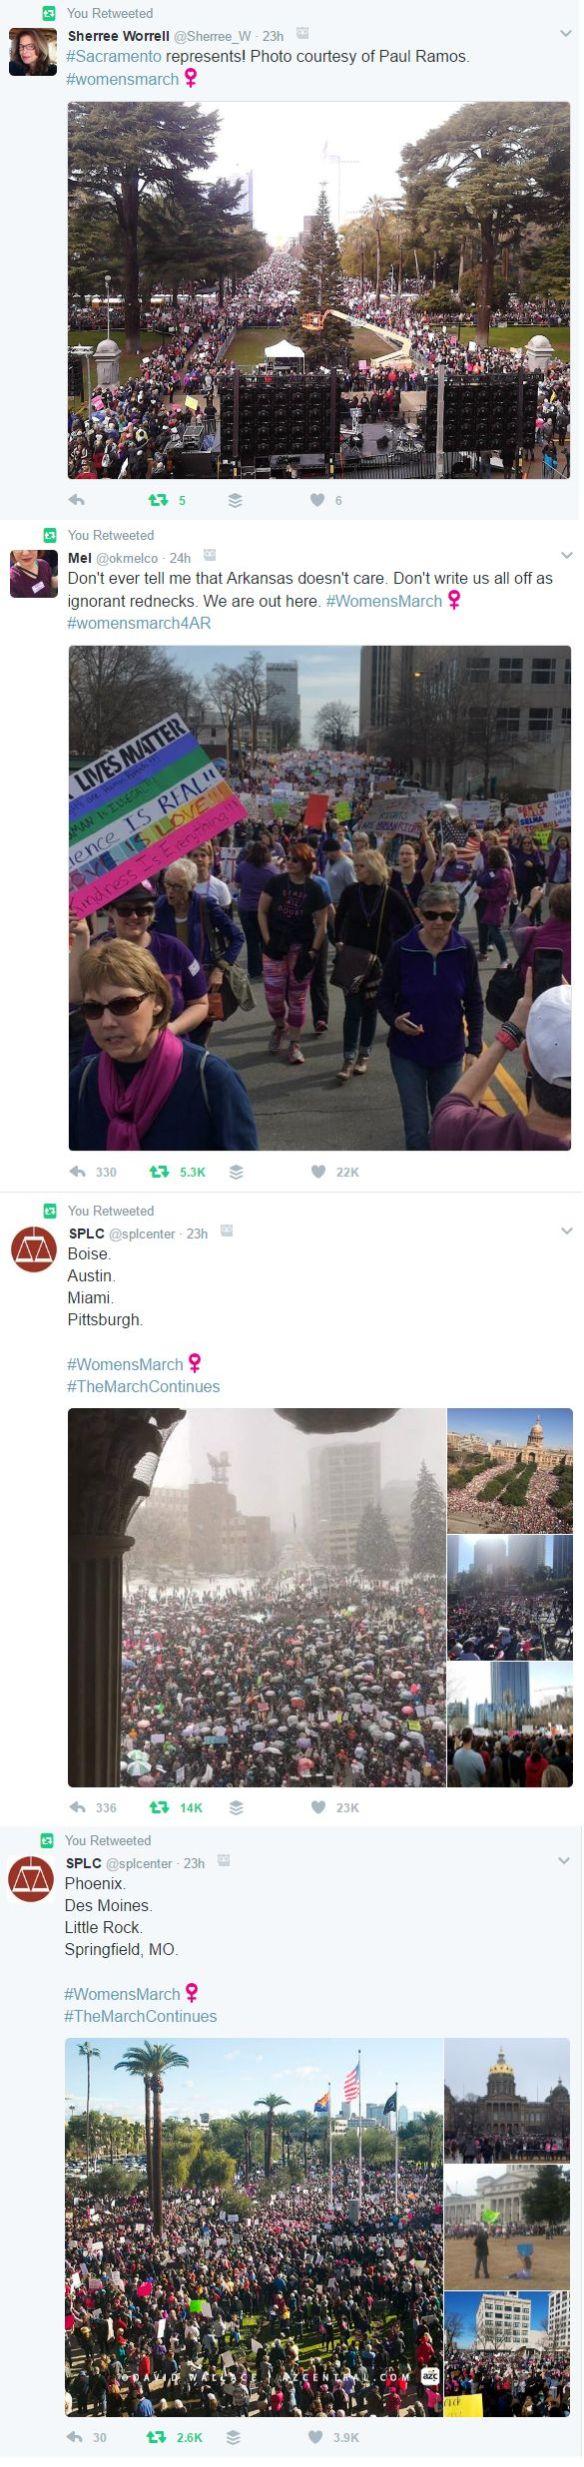 tweets-combined